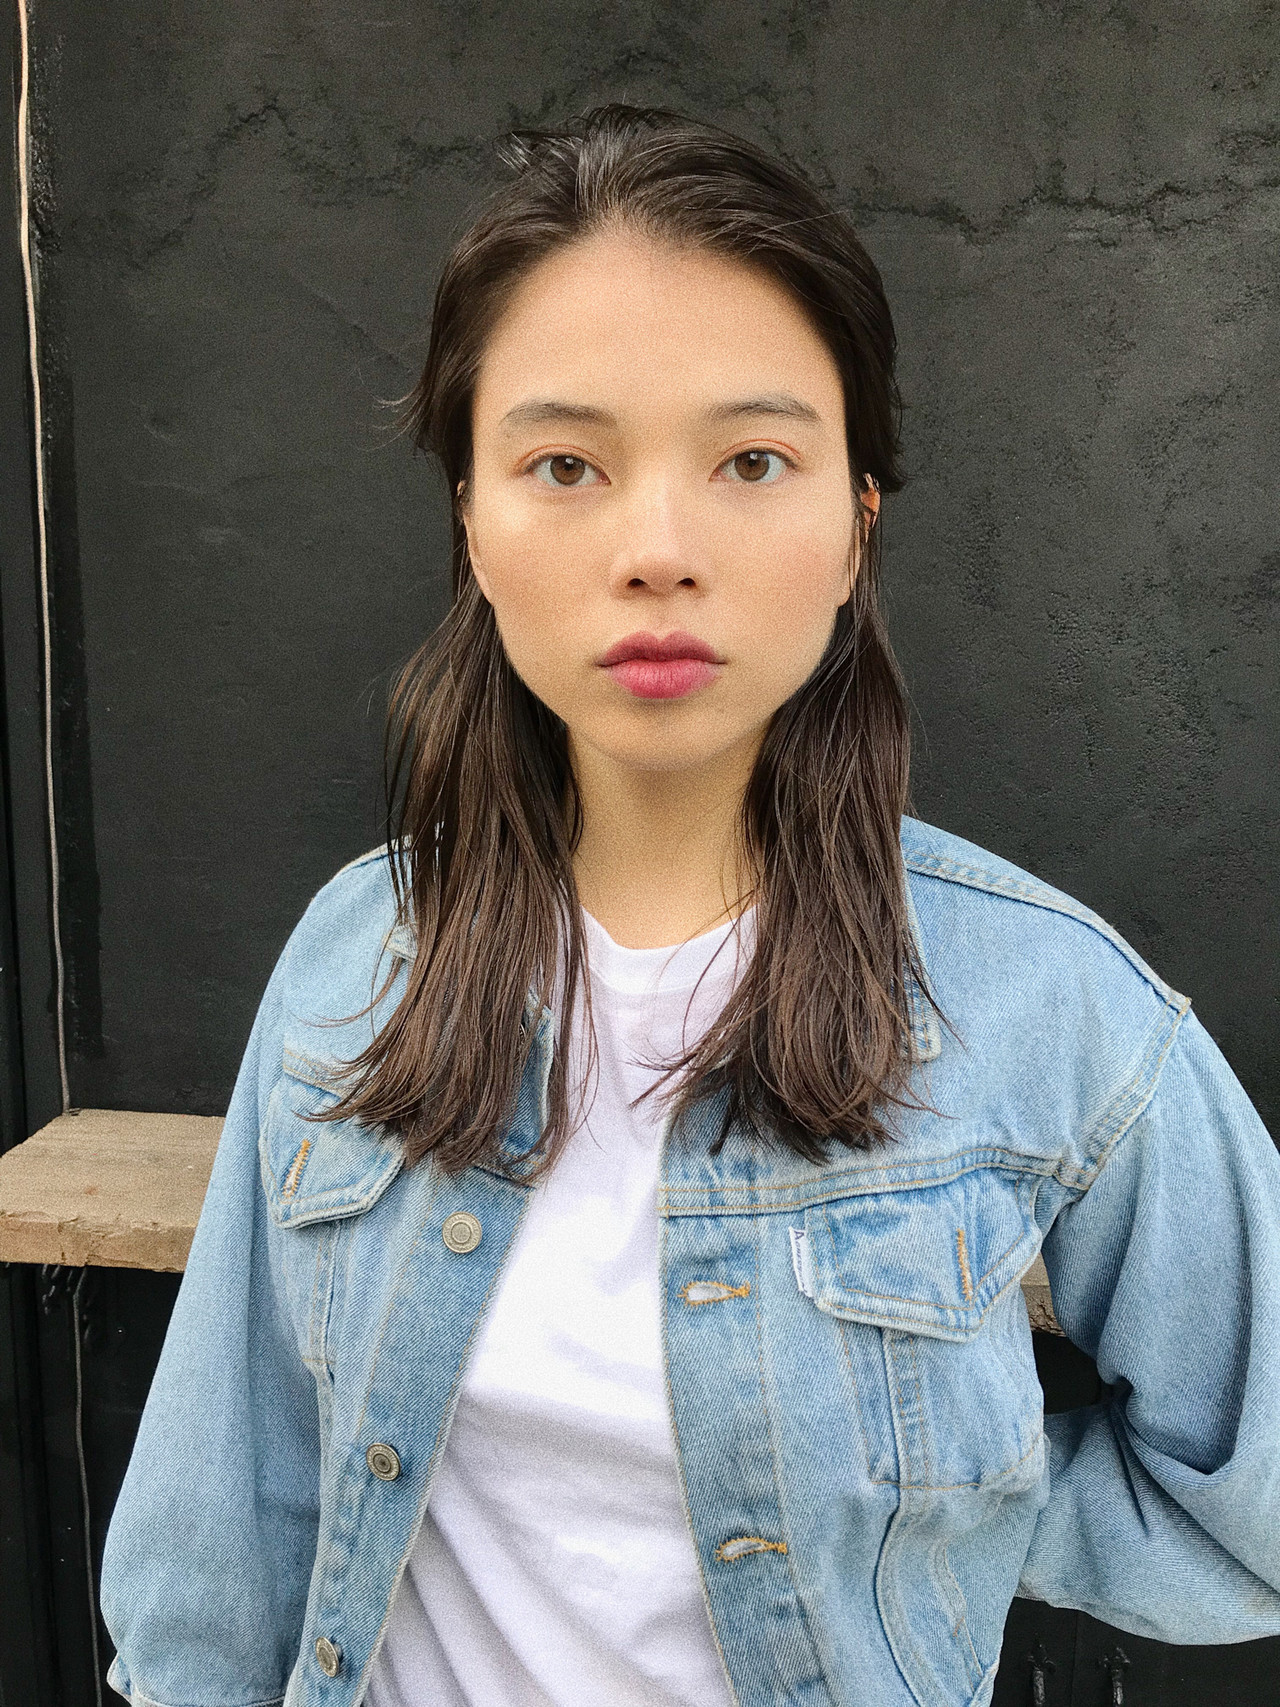 アンニュイほつれヘア カジュアル 抜け感 ナチュラル ヘアスタイルや髪型の写真・画像